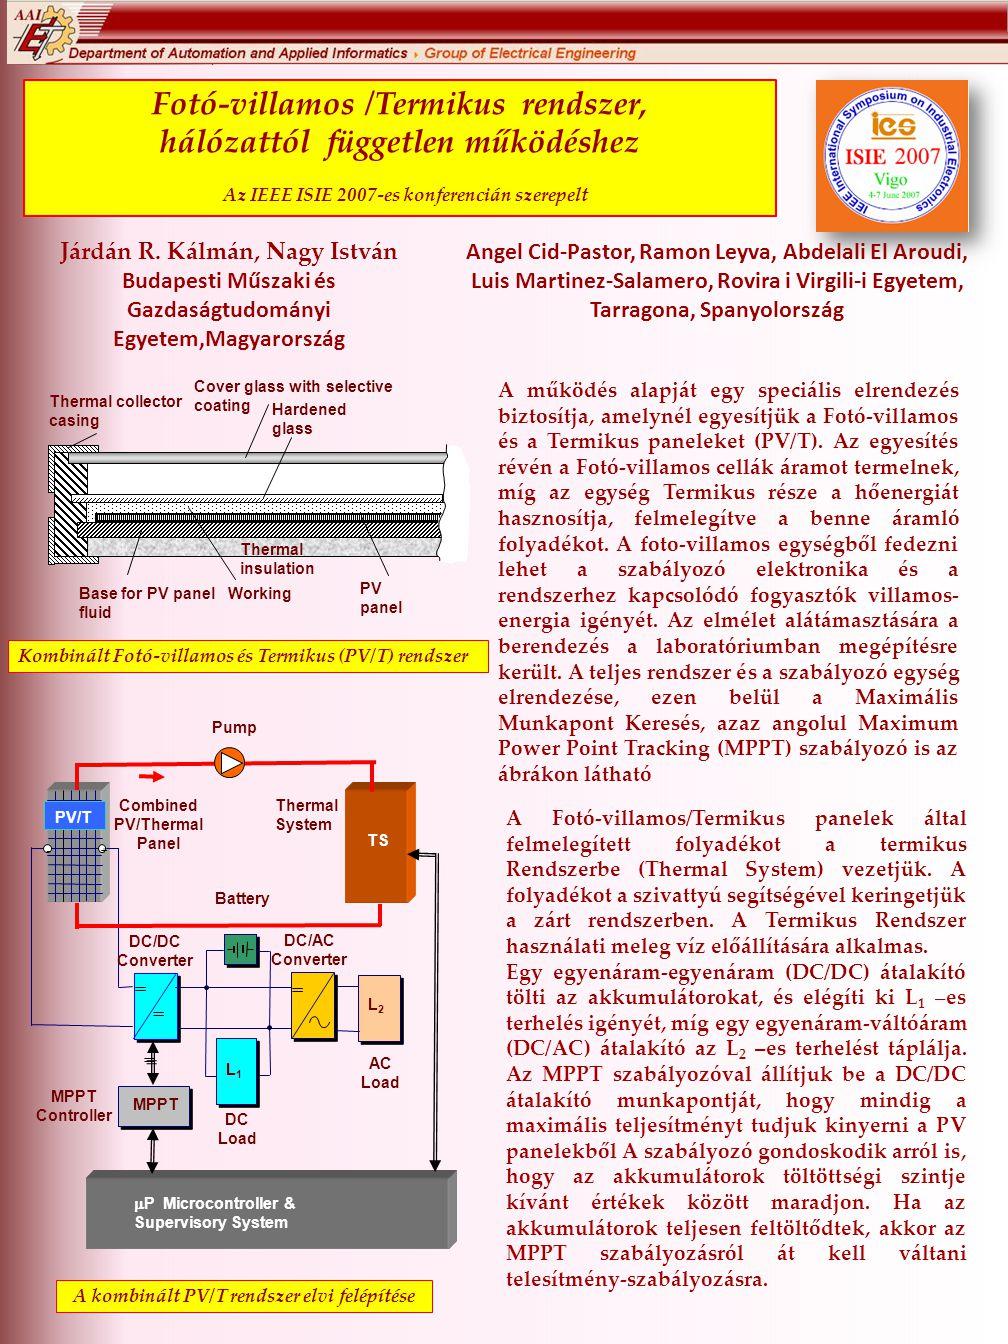 Fotó-villamos /Termikus rendszer, hálózattól független működéshez Az IEEE ISIE 2007-es konferencián szerepelt